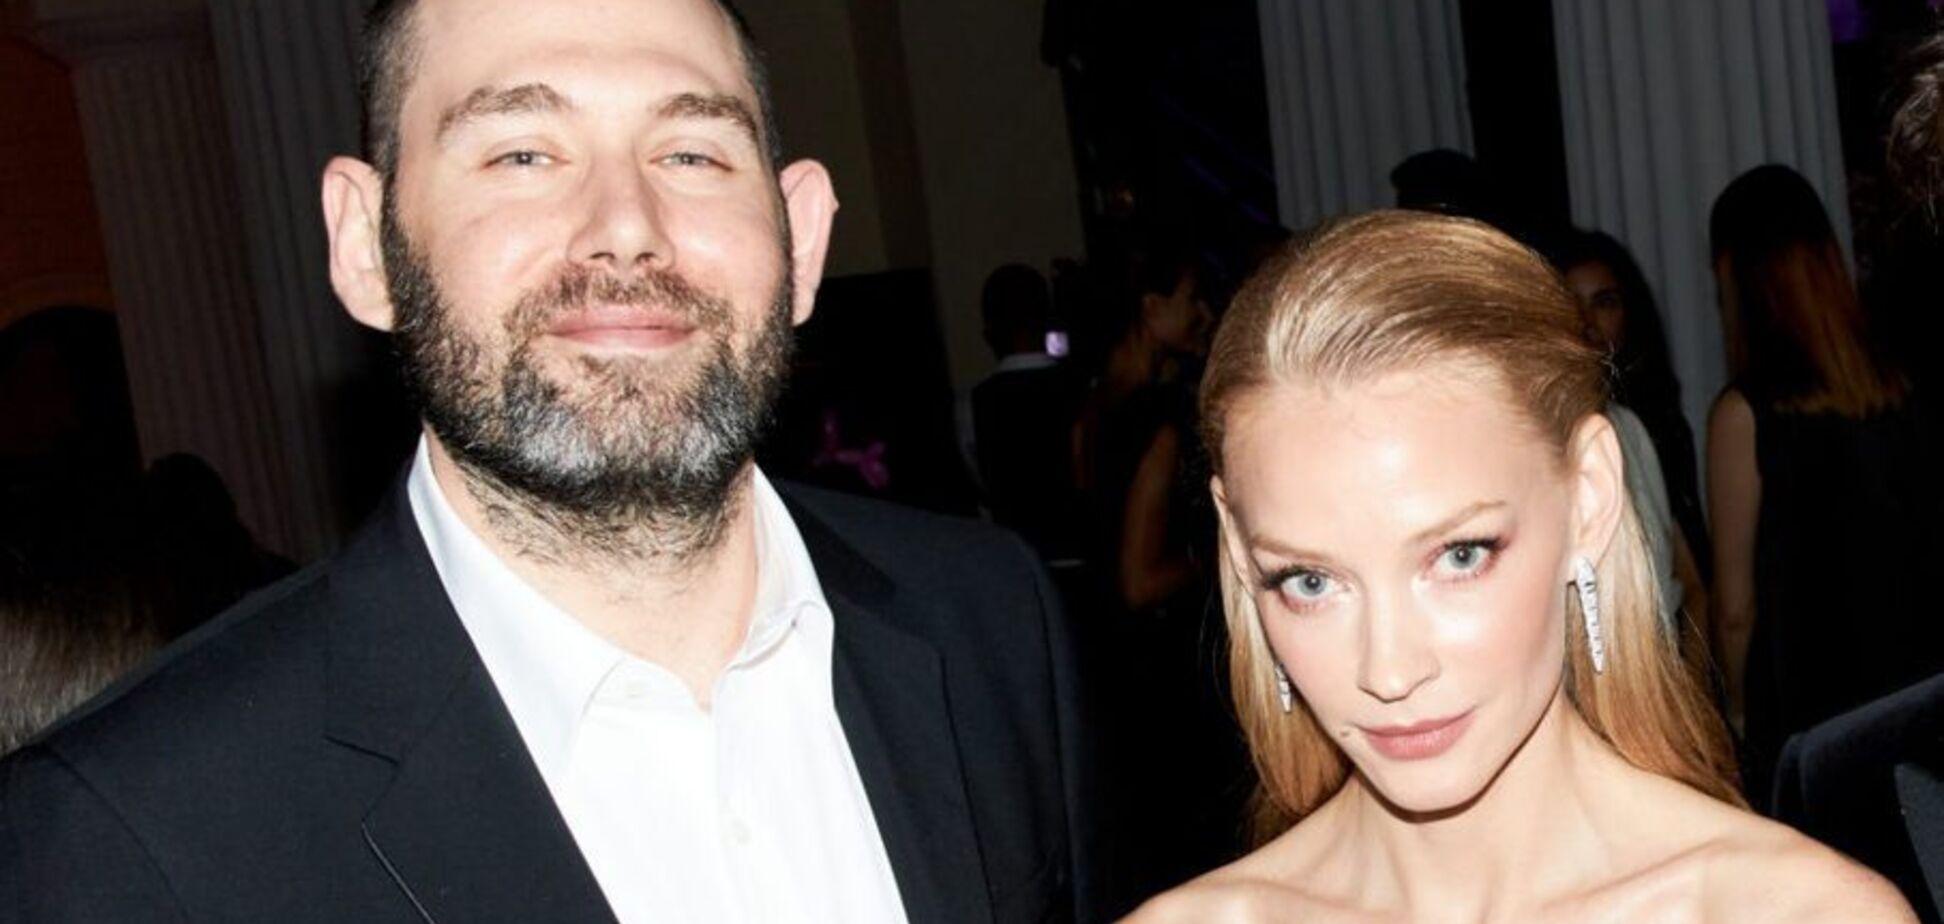 'З вигляду місяць п'ятий': російську актрису запідозрили у вагітності від одруженого Слєпакова